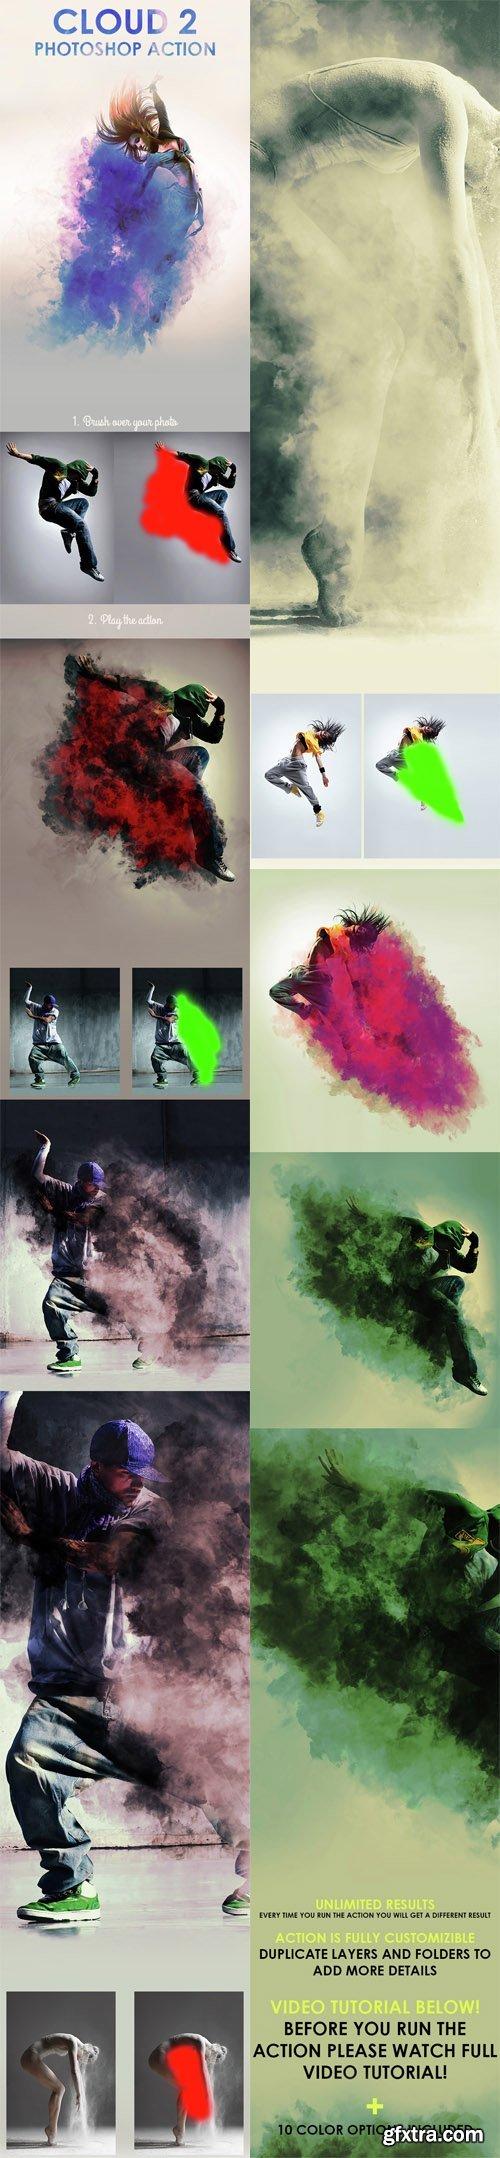 GraphicRiver - Cloud 2 Photoshop Action 14749668